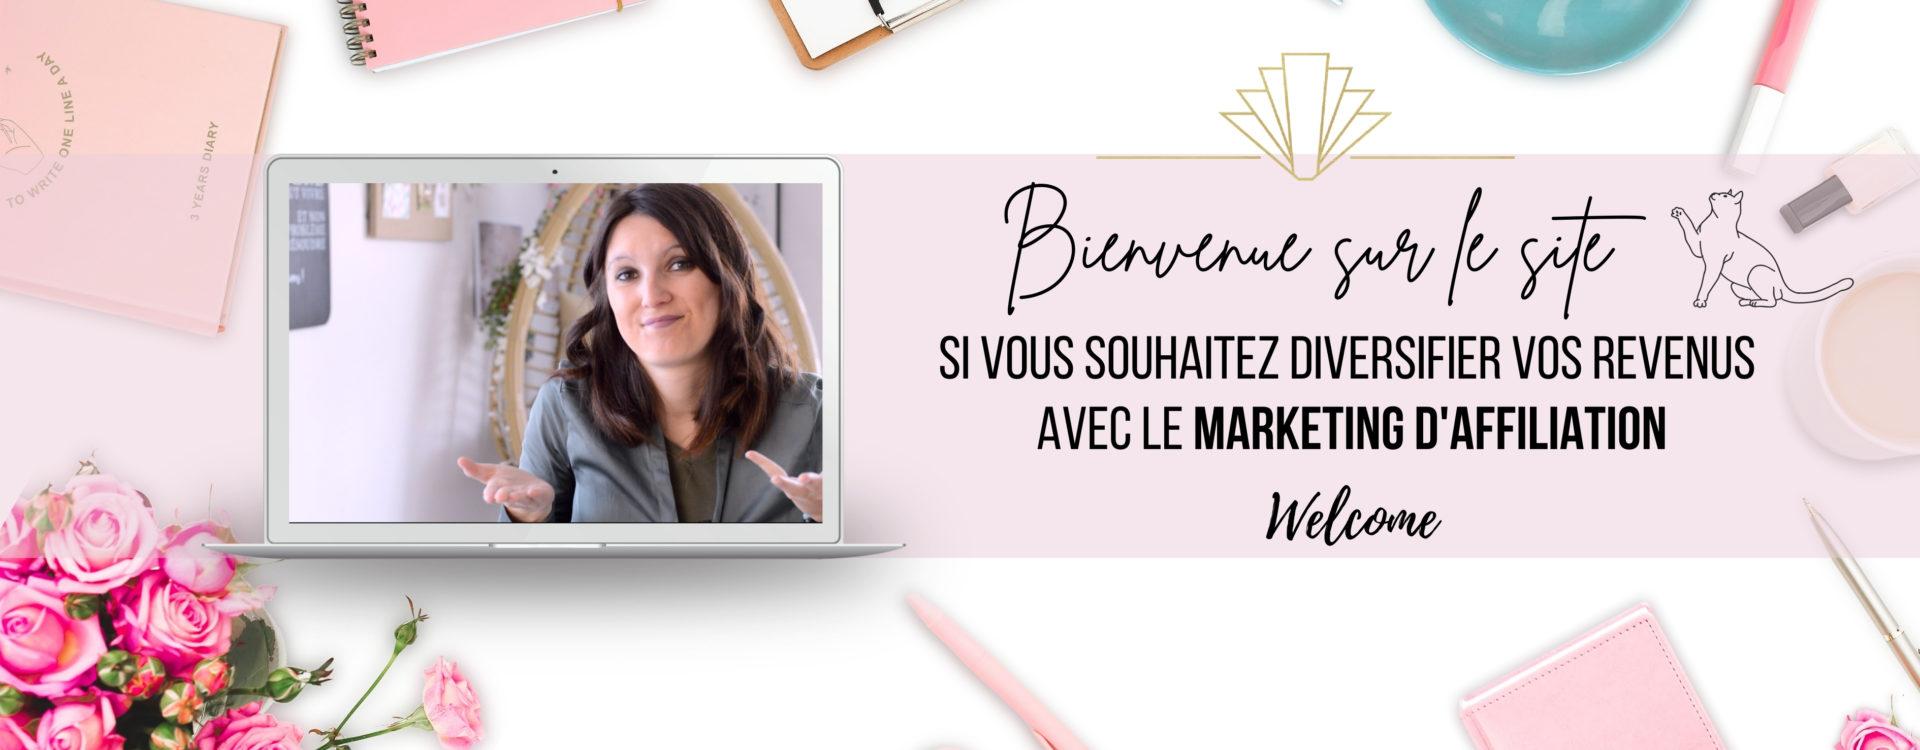 Mademoiselle affiliation